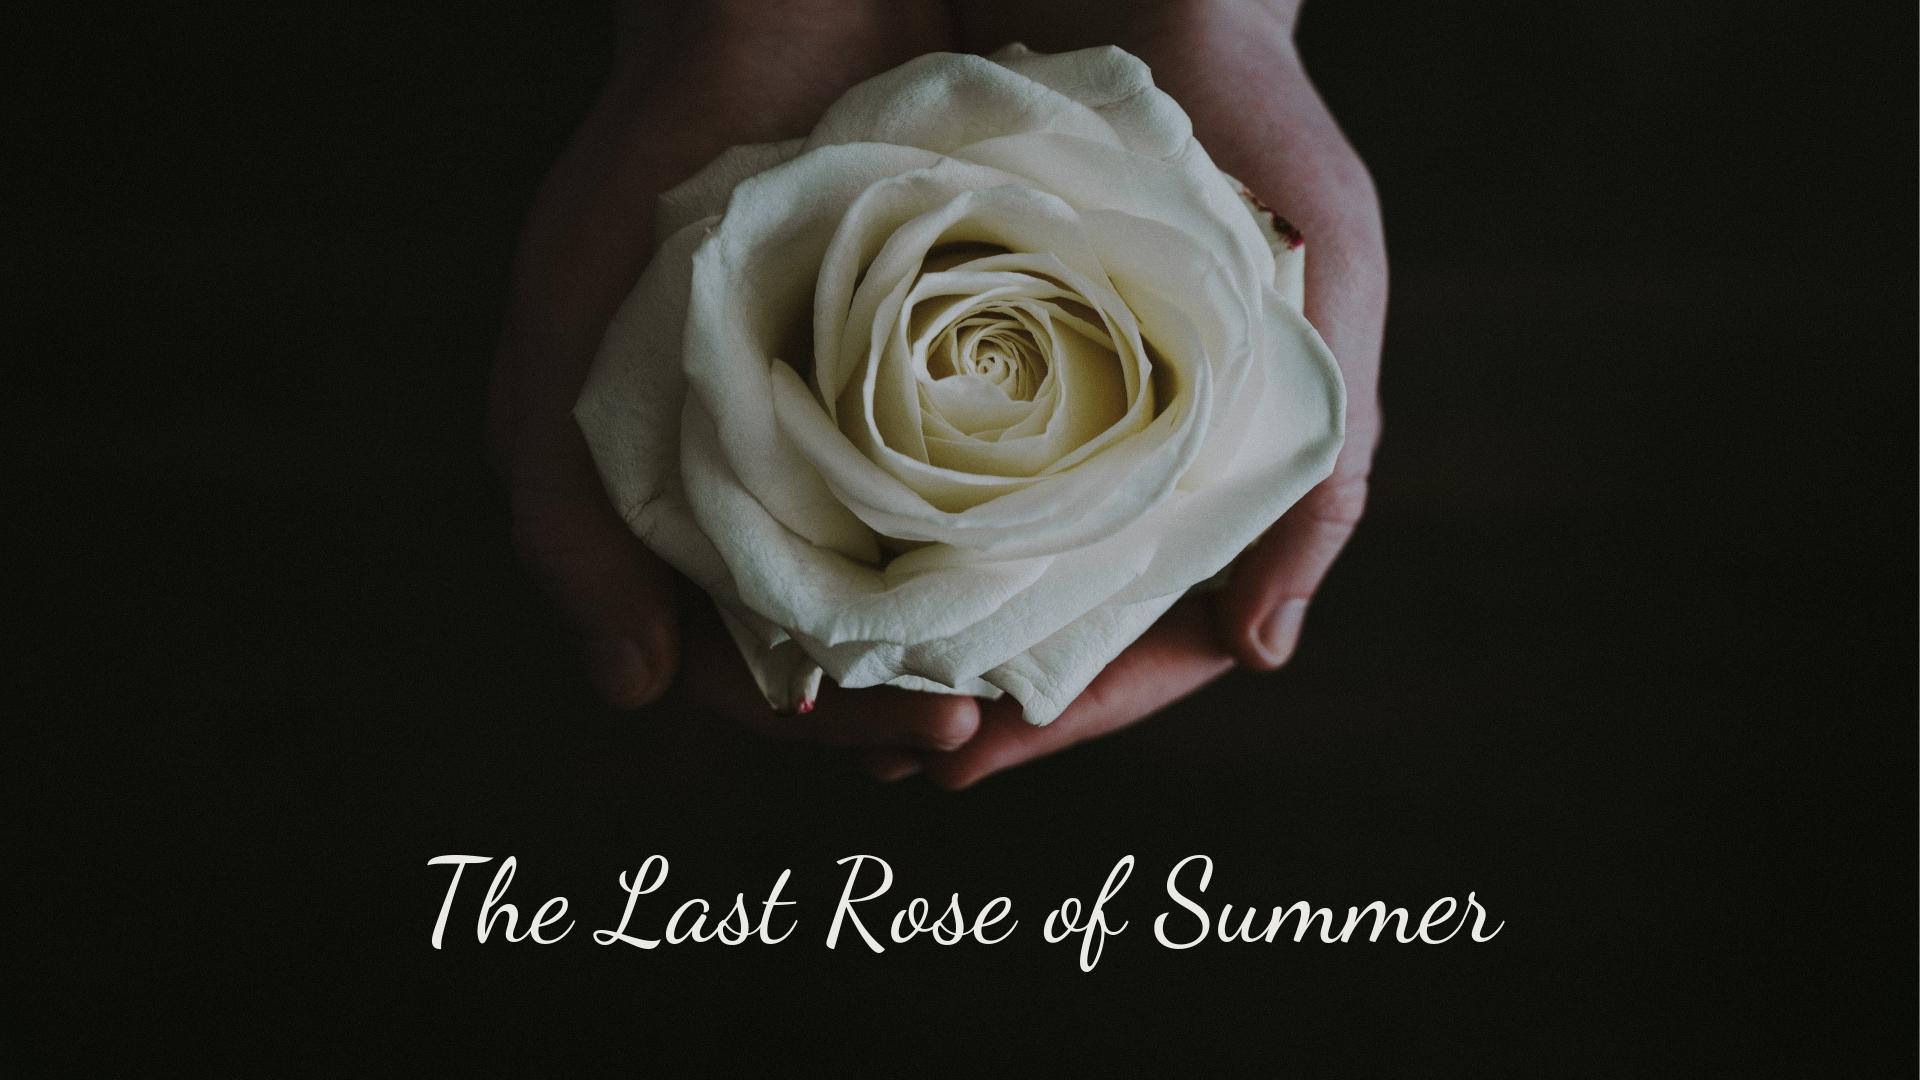 banner-the-last-rose-of-summer-01.jpg